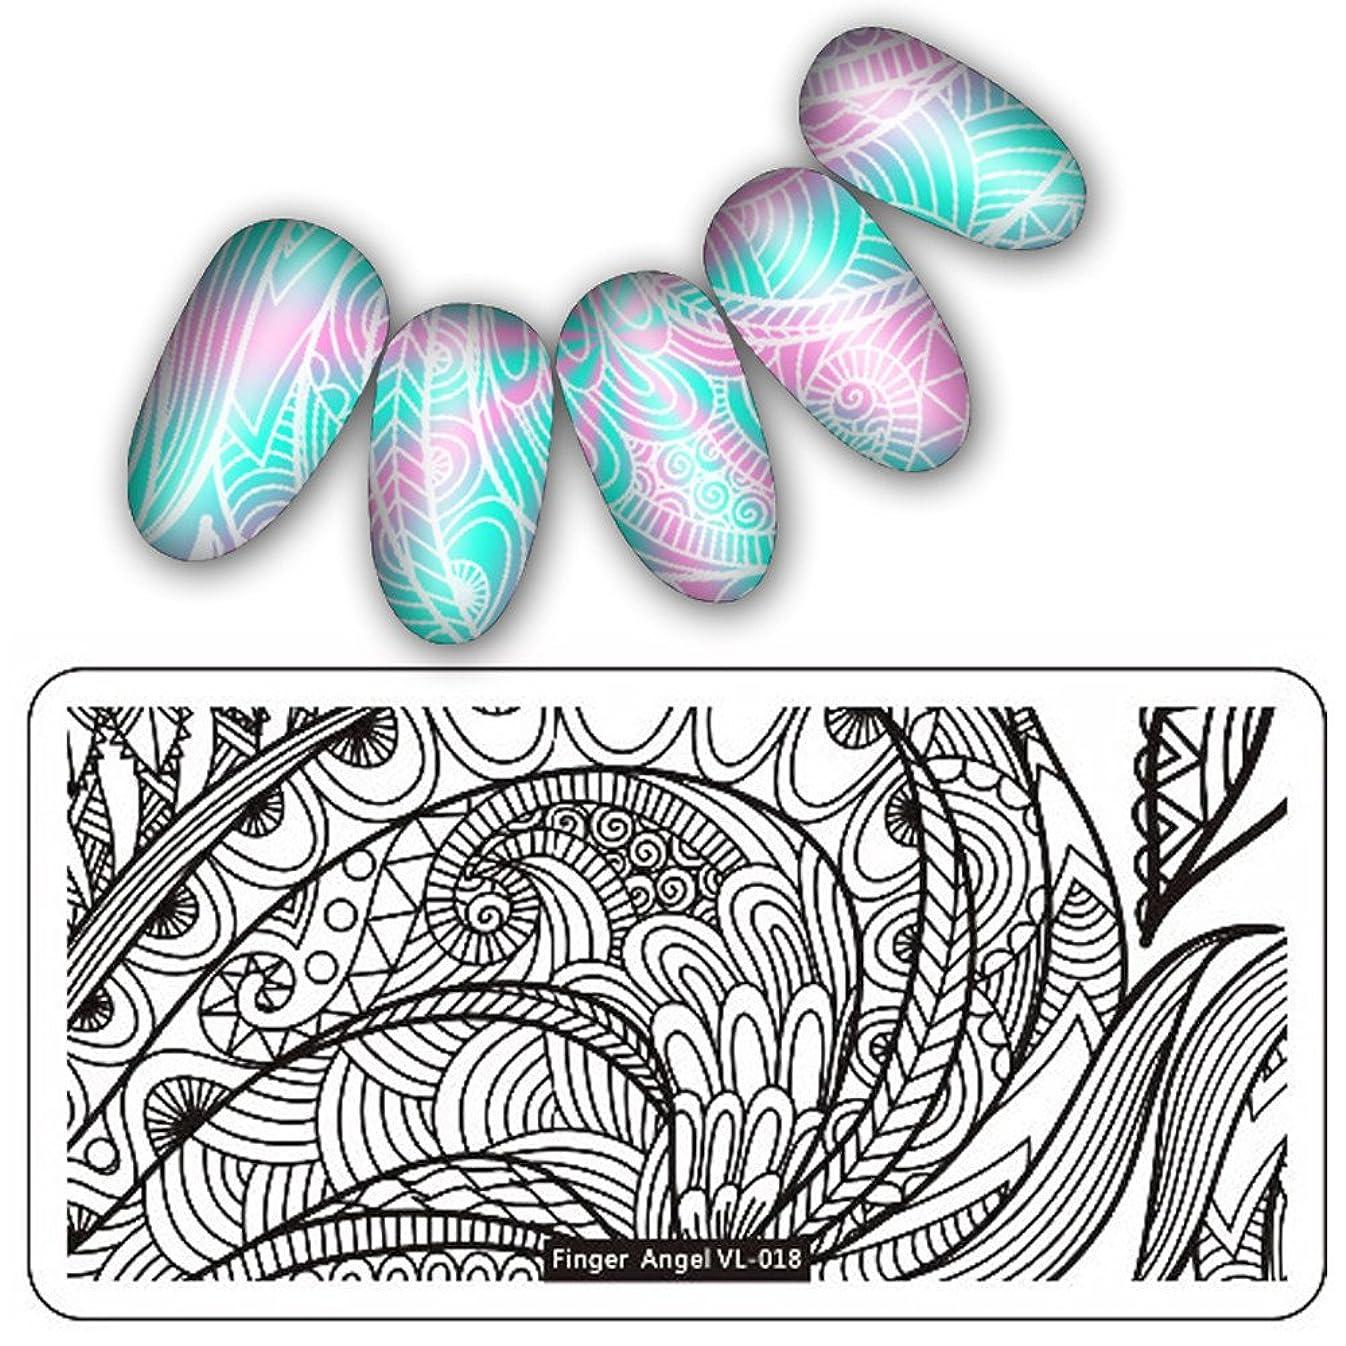 レルムマイクロフォン励起[ルテンズ] スタンピングプレートセット 花柄 ネイルプレート ネイルアートツール ネイルプレート ネイルスタンパー ネイルスタンプ スタンプネイル ネイルデザイン用品